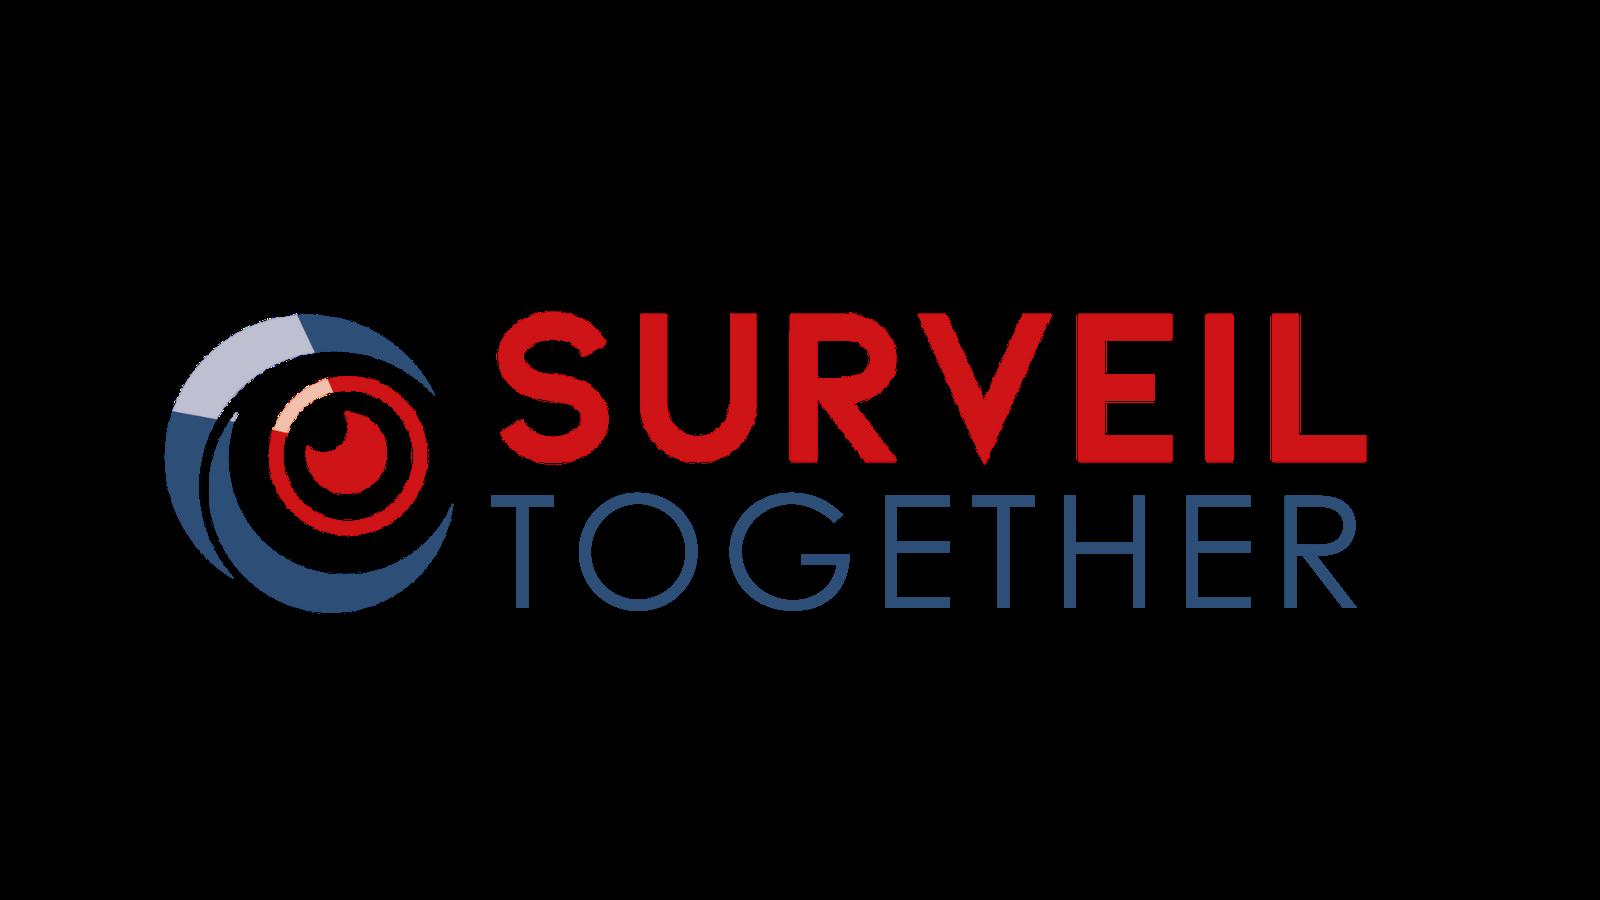 Surveil Together